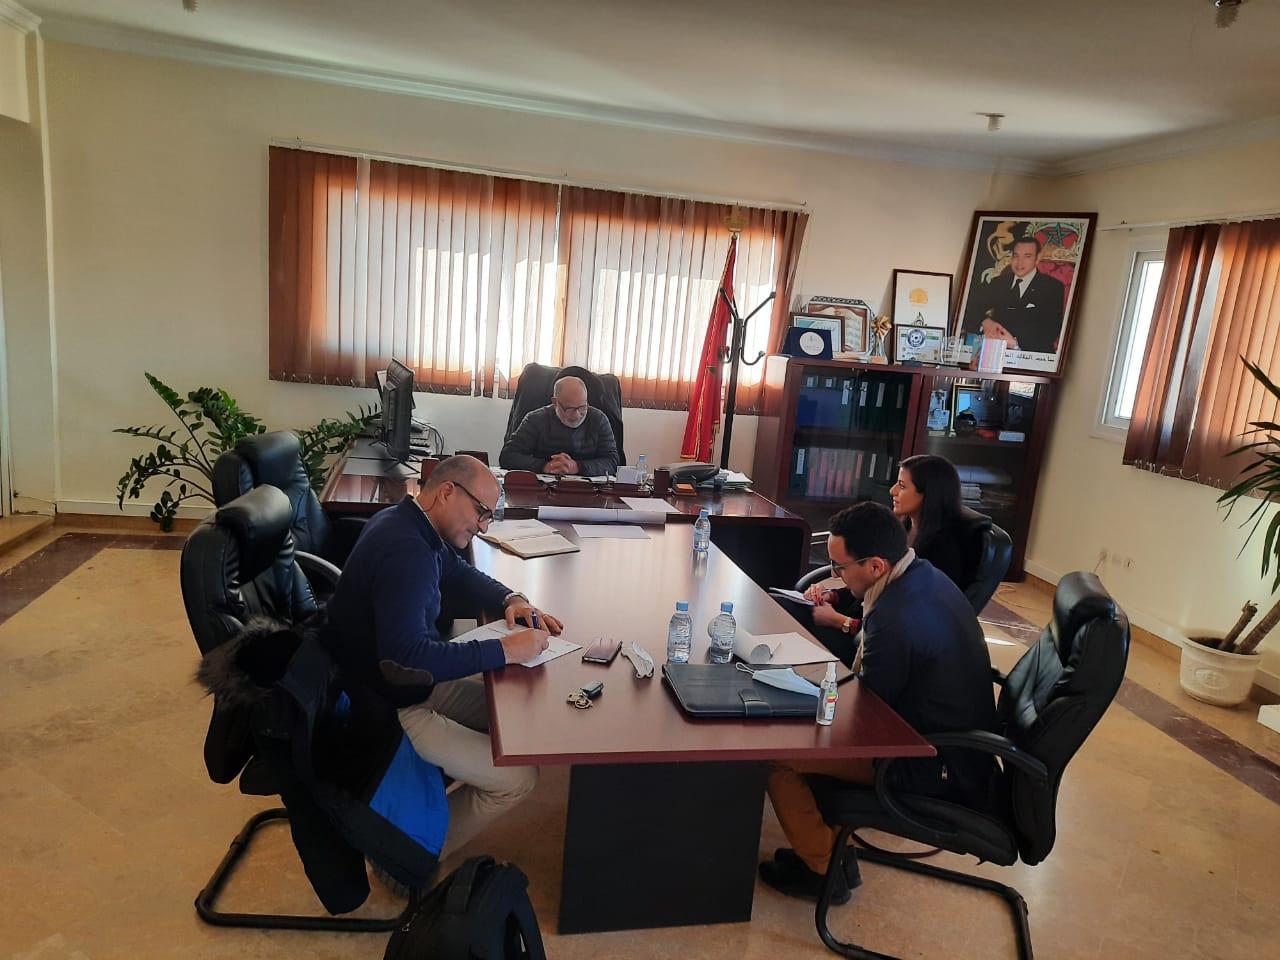 رئيس الجماعة يعقد إجتماعا مع مدير منظمة الهجرة والتنمية لبحث سبل التعاون والشراكة